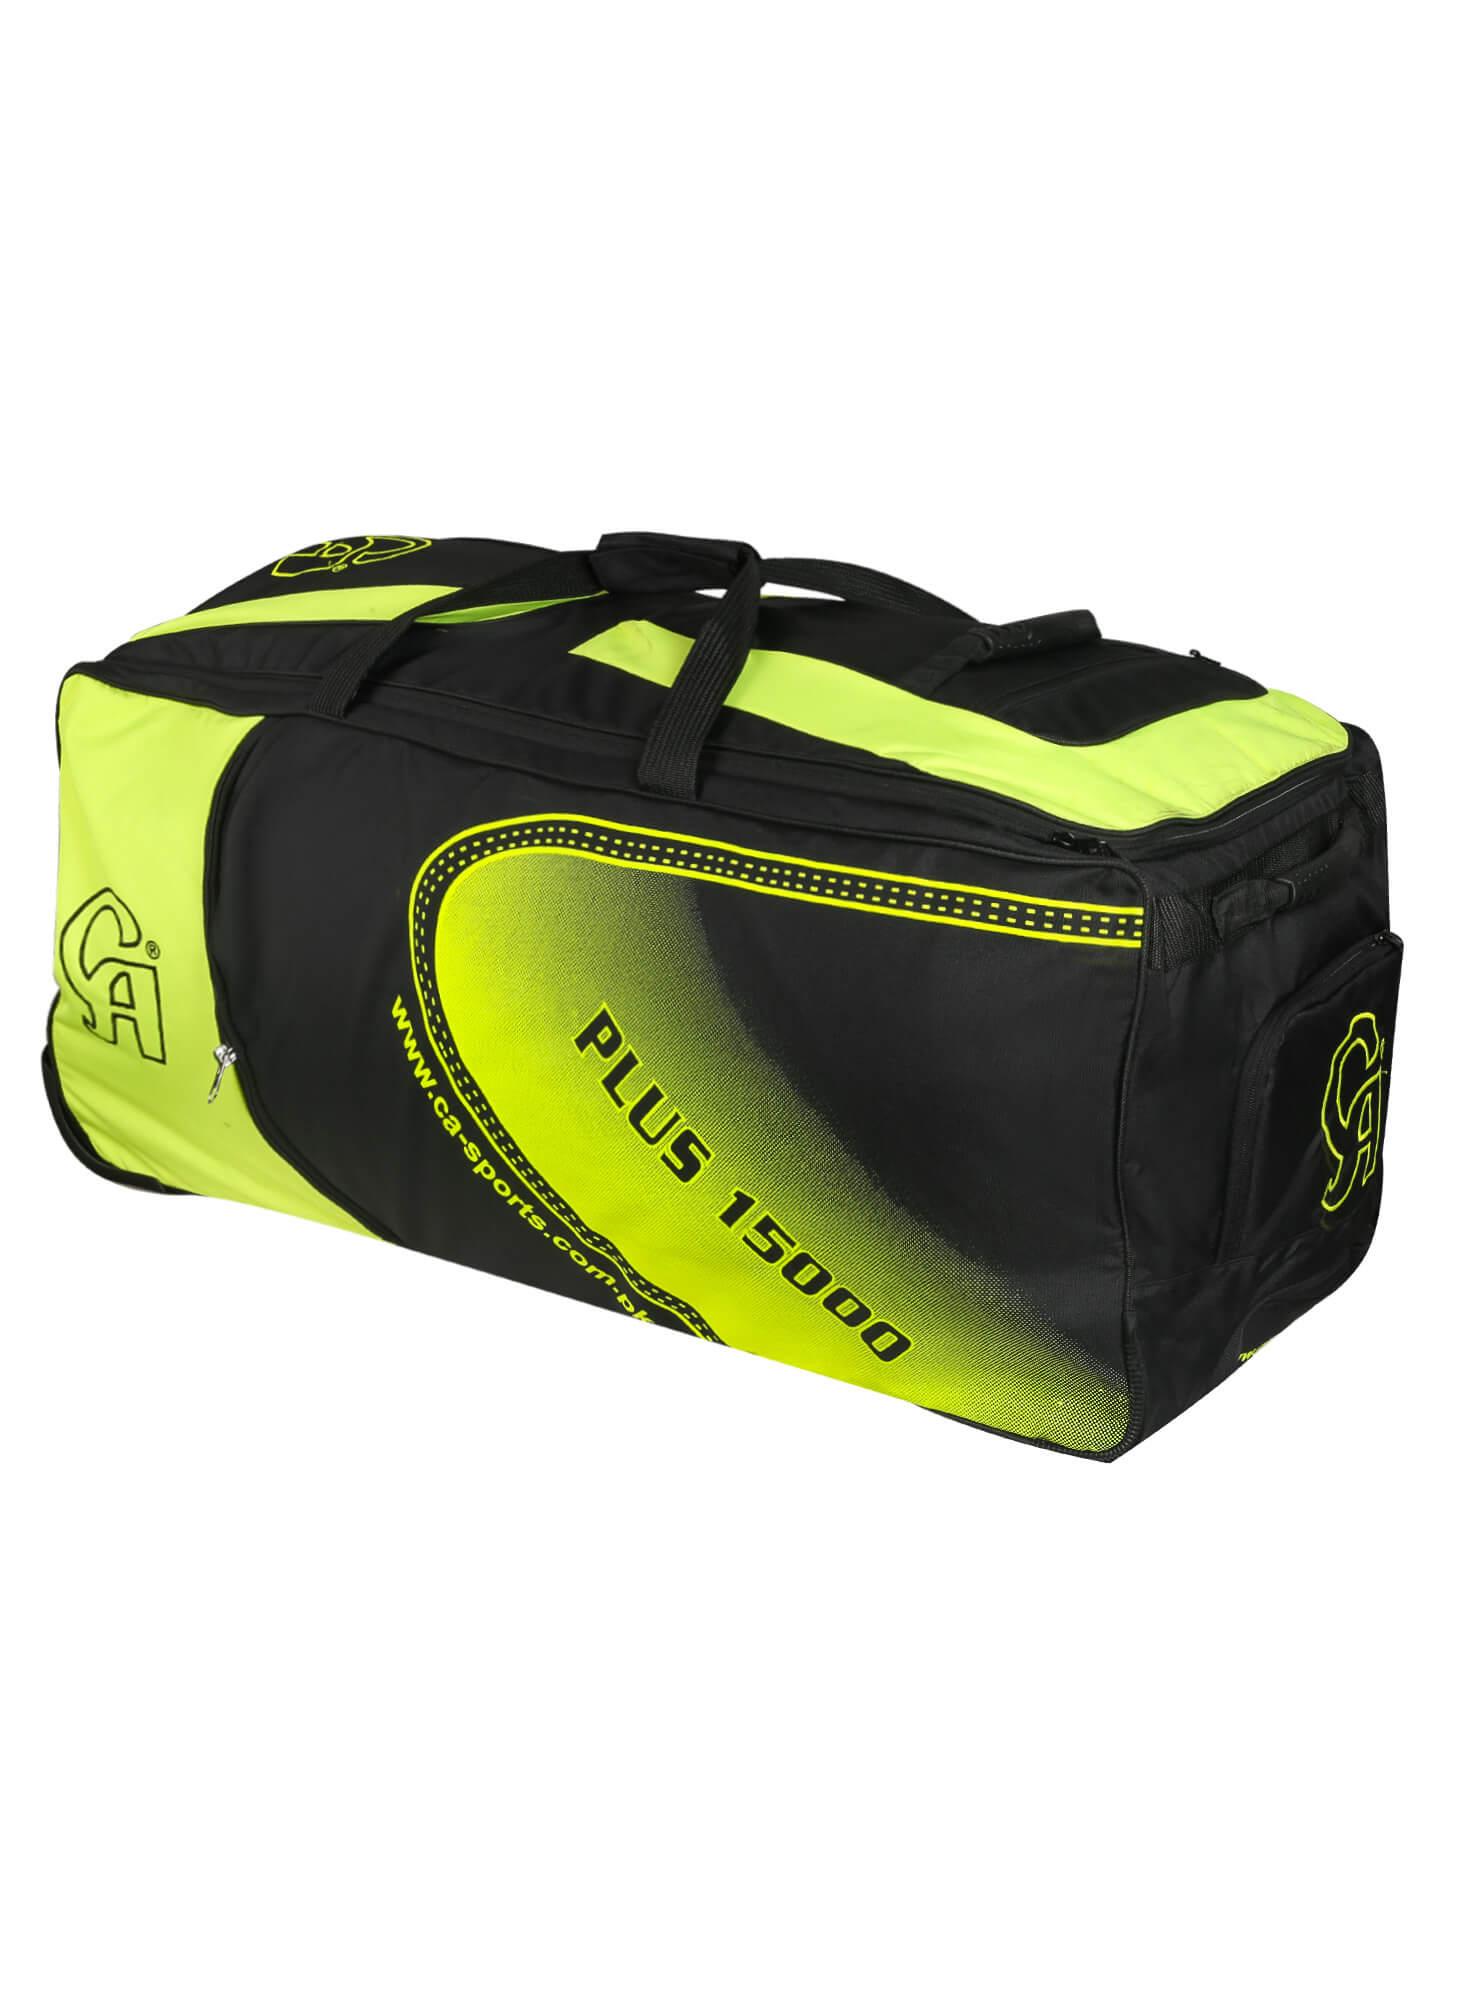 kit bag, duffle bag